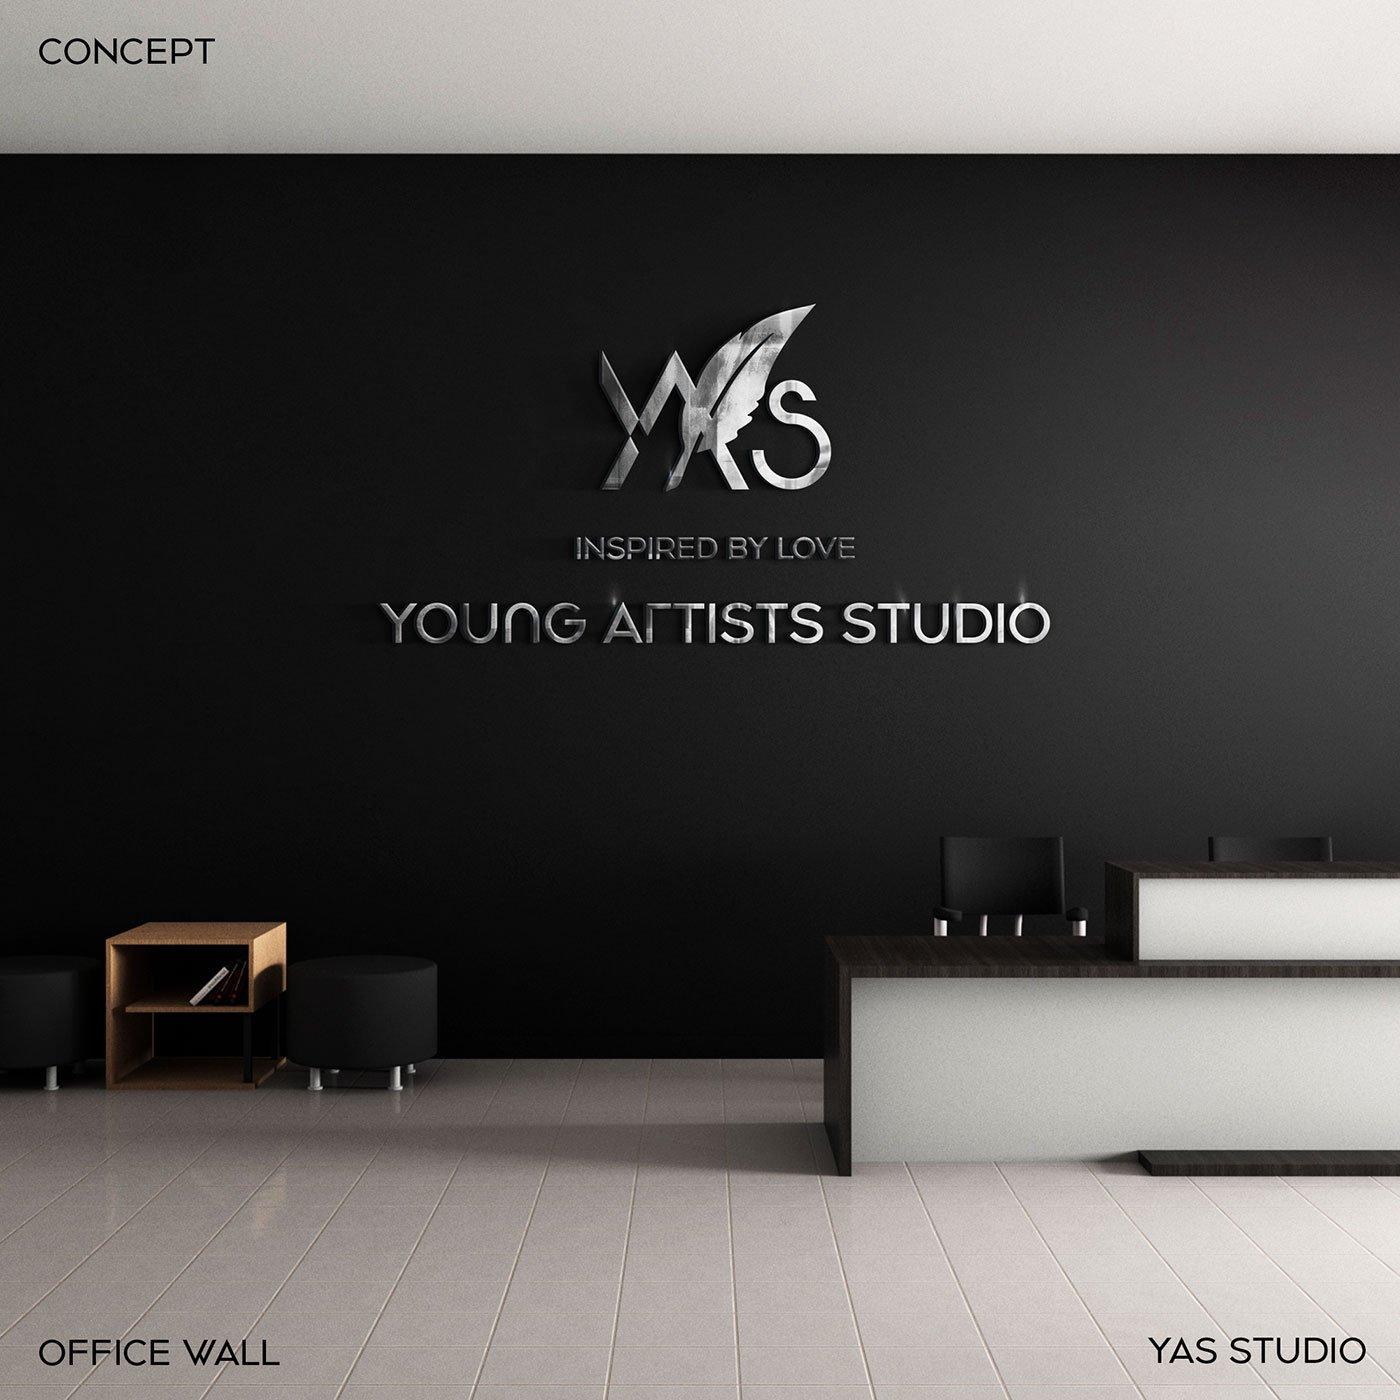 văn phòng bảng hiệu YAS Young Artists Studio-quảng-bá-thương-hiệu-thiết-kế-branding-cho-thương-hiệu YAS-xây-dựng-logo-doanh-nghiệp-thiết-kế-ấn-phẩm-quảng-cáo-Helixgram